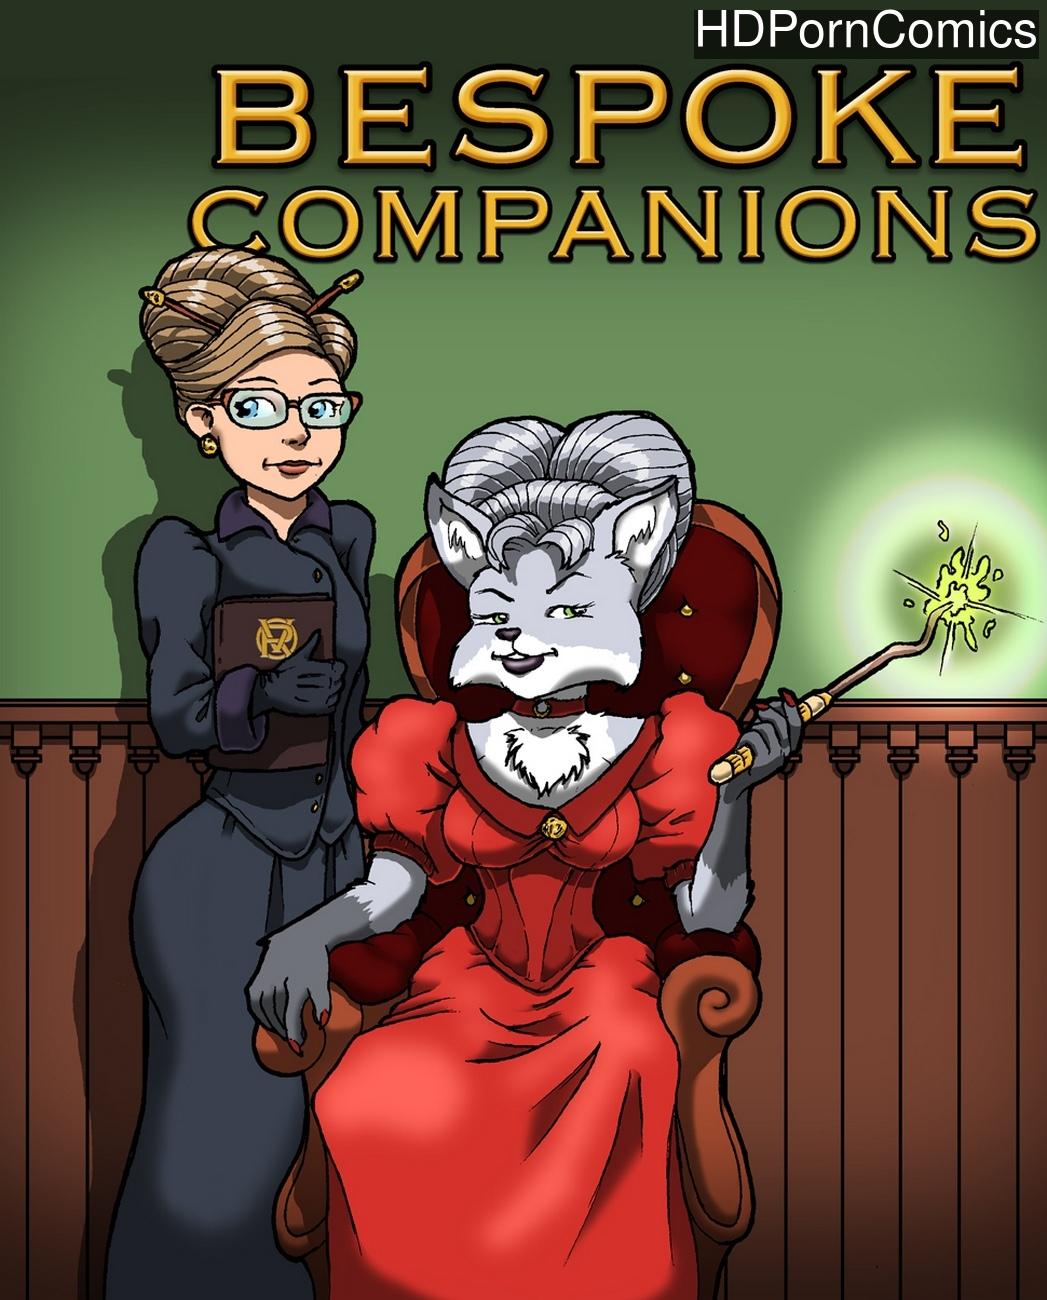 Bespoke-Companions 1 free porn comics